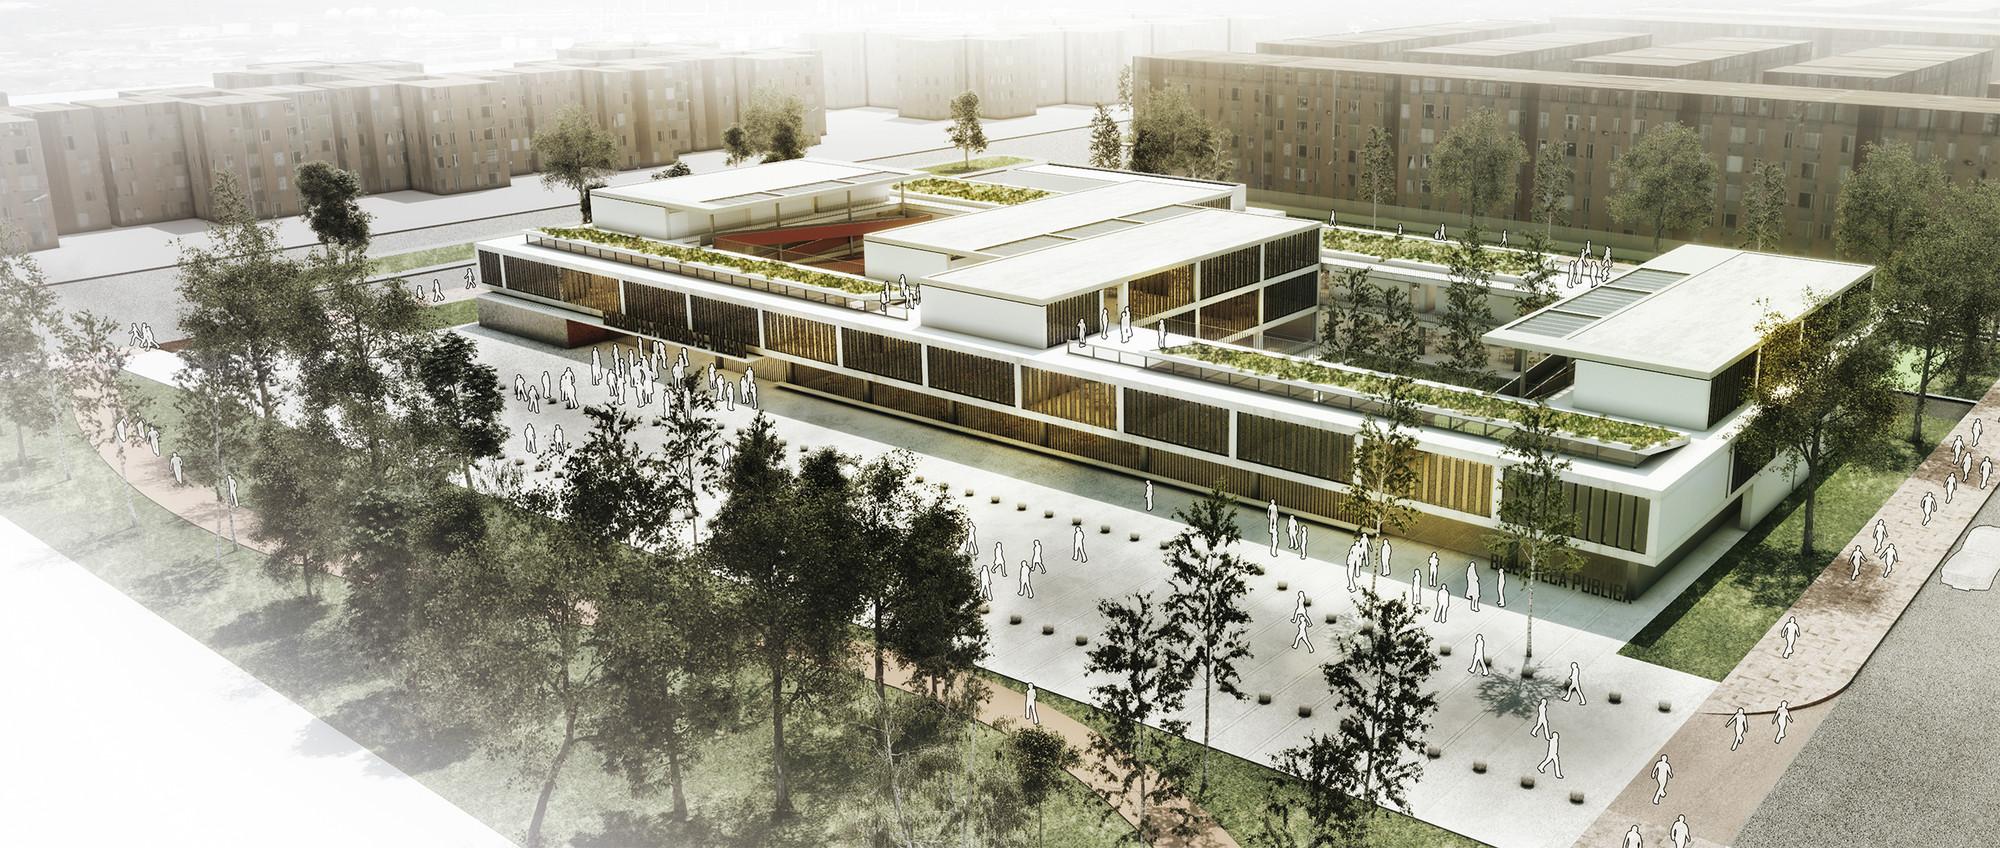 ems arquitectos tercer lugar en concurso ambientes de